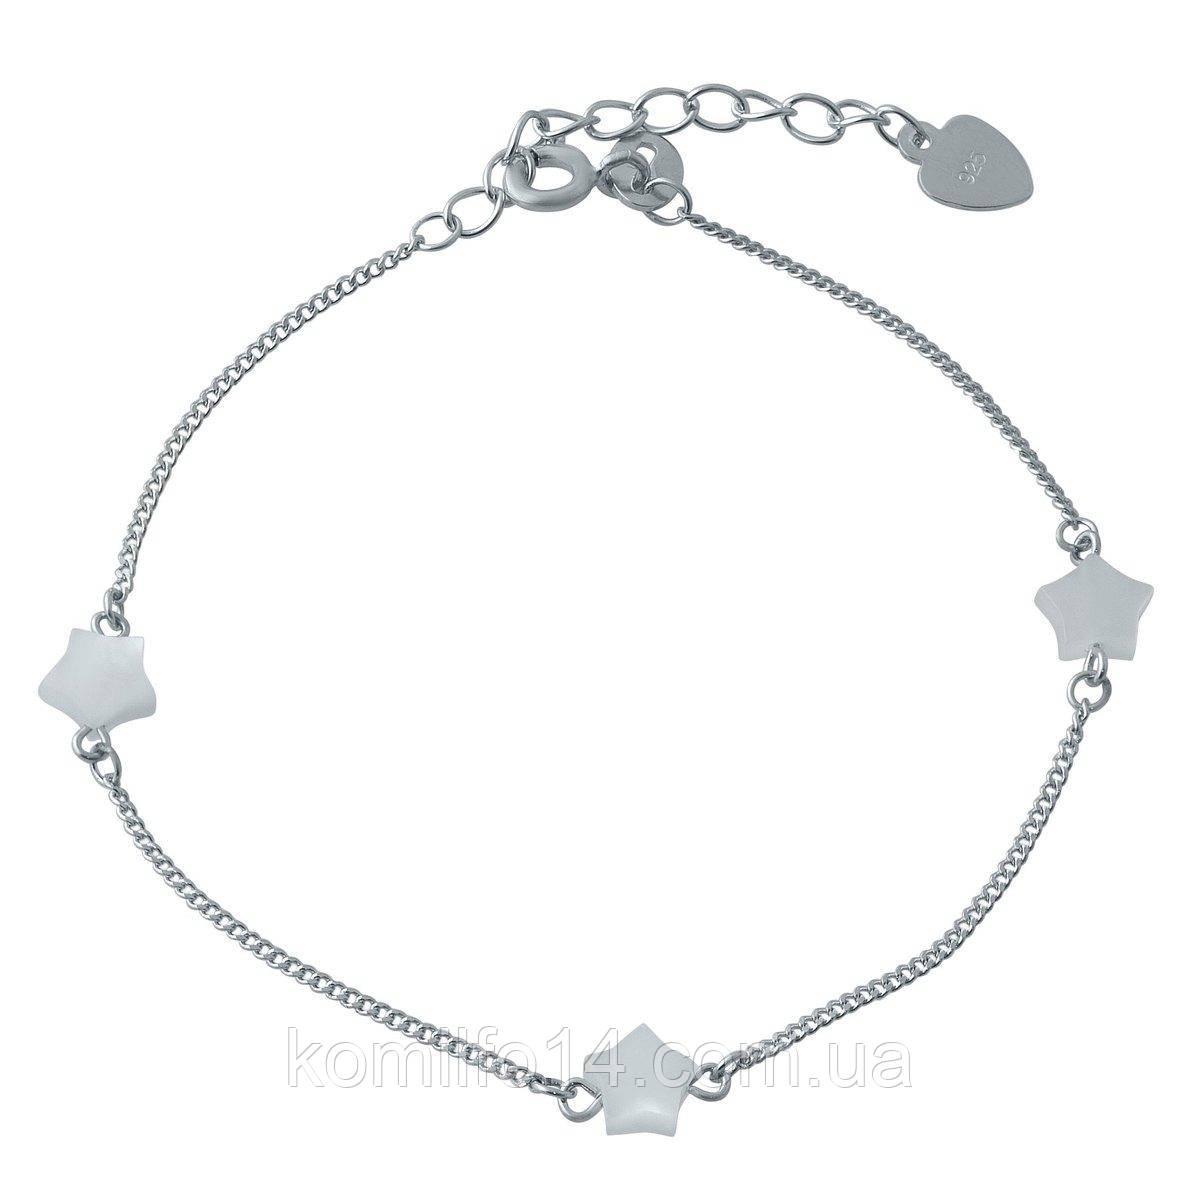 Серебряный женский браслет с перламутром